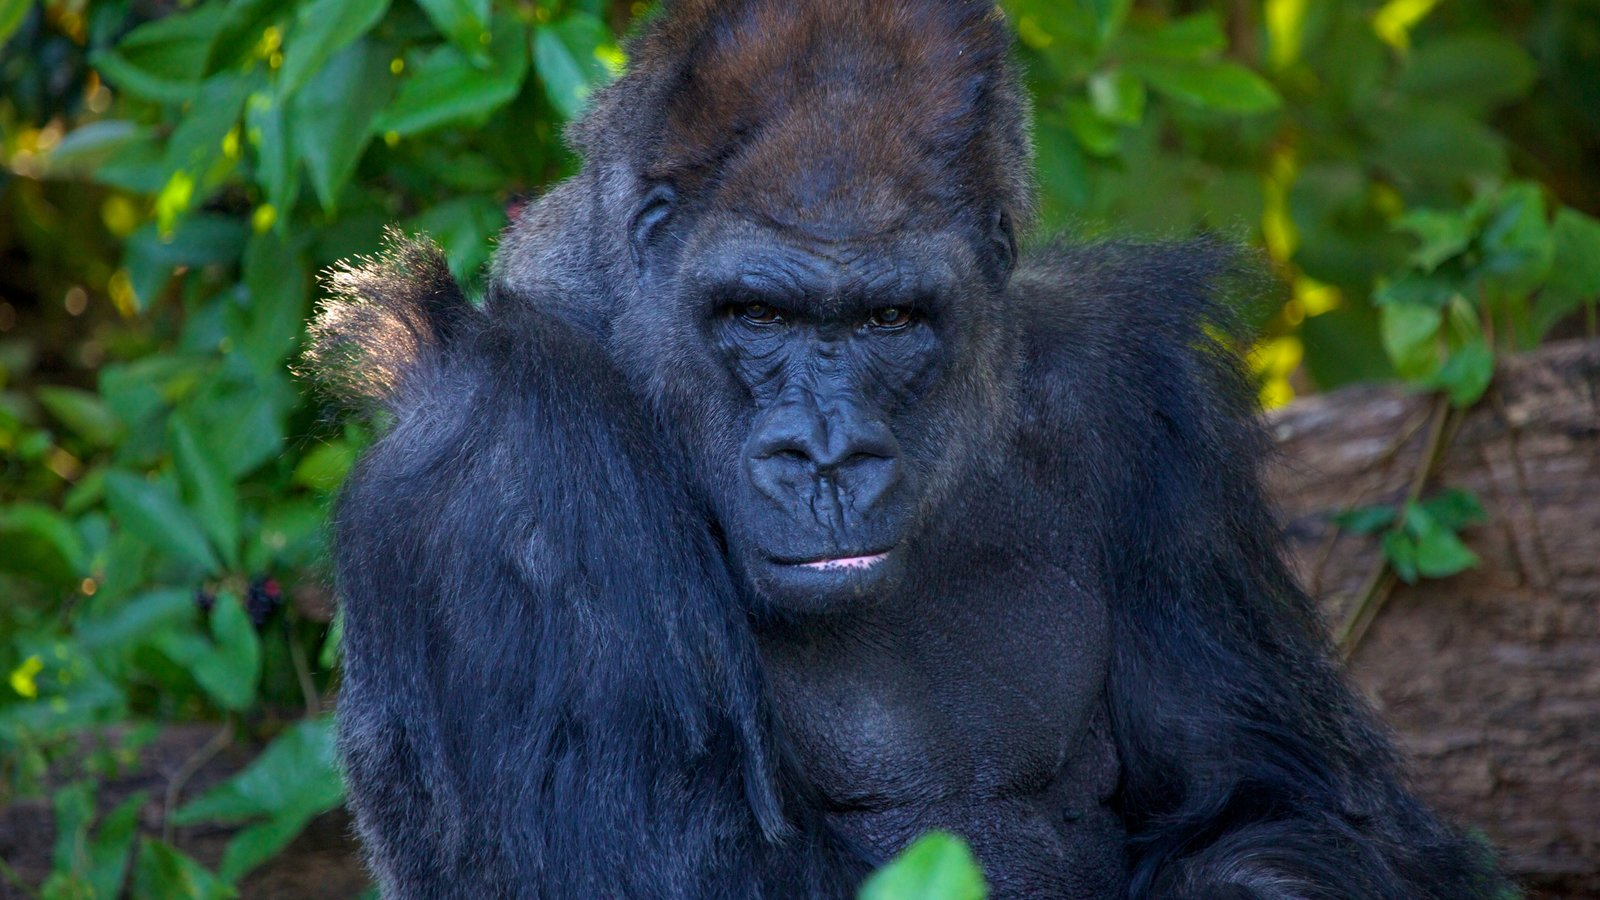 Image result for monkey jungle miami gorilla